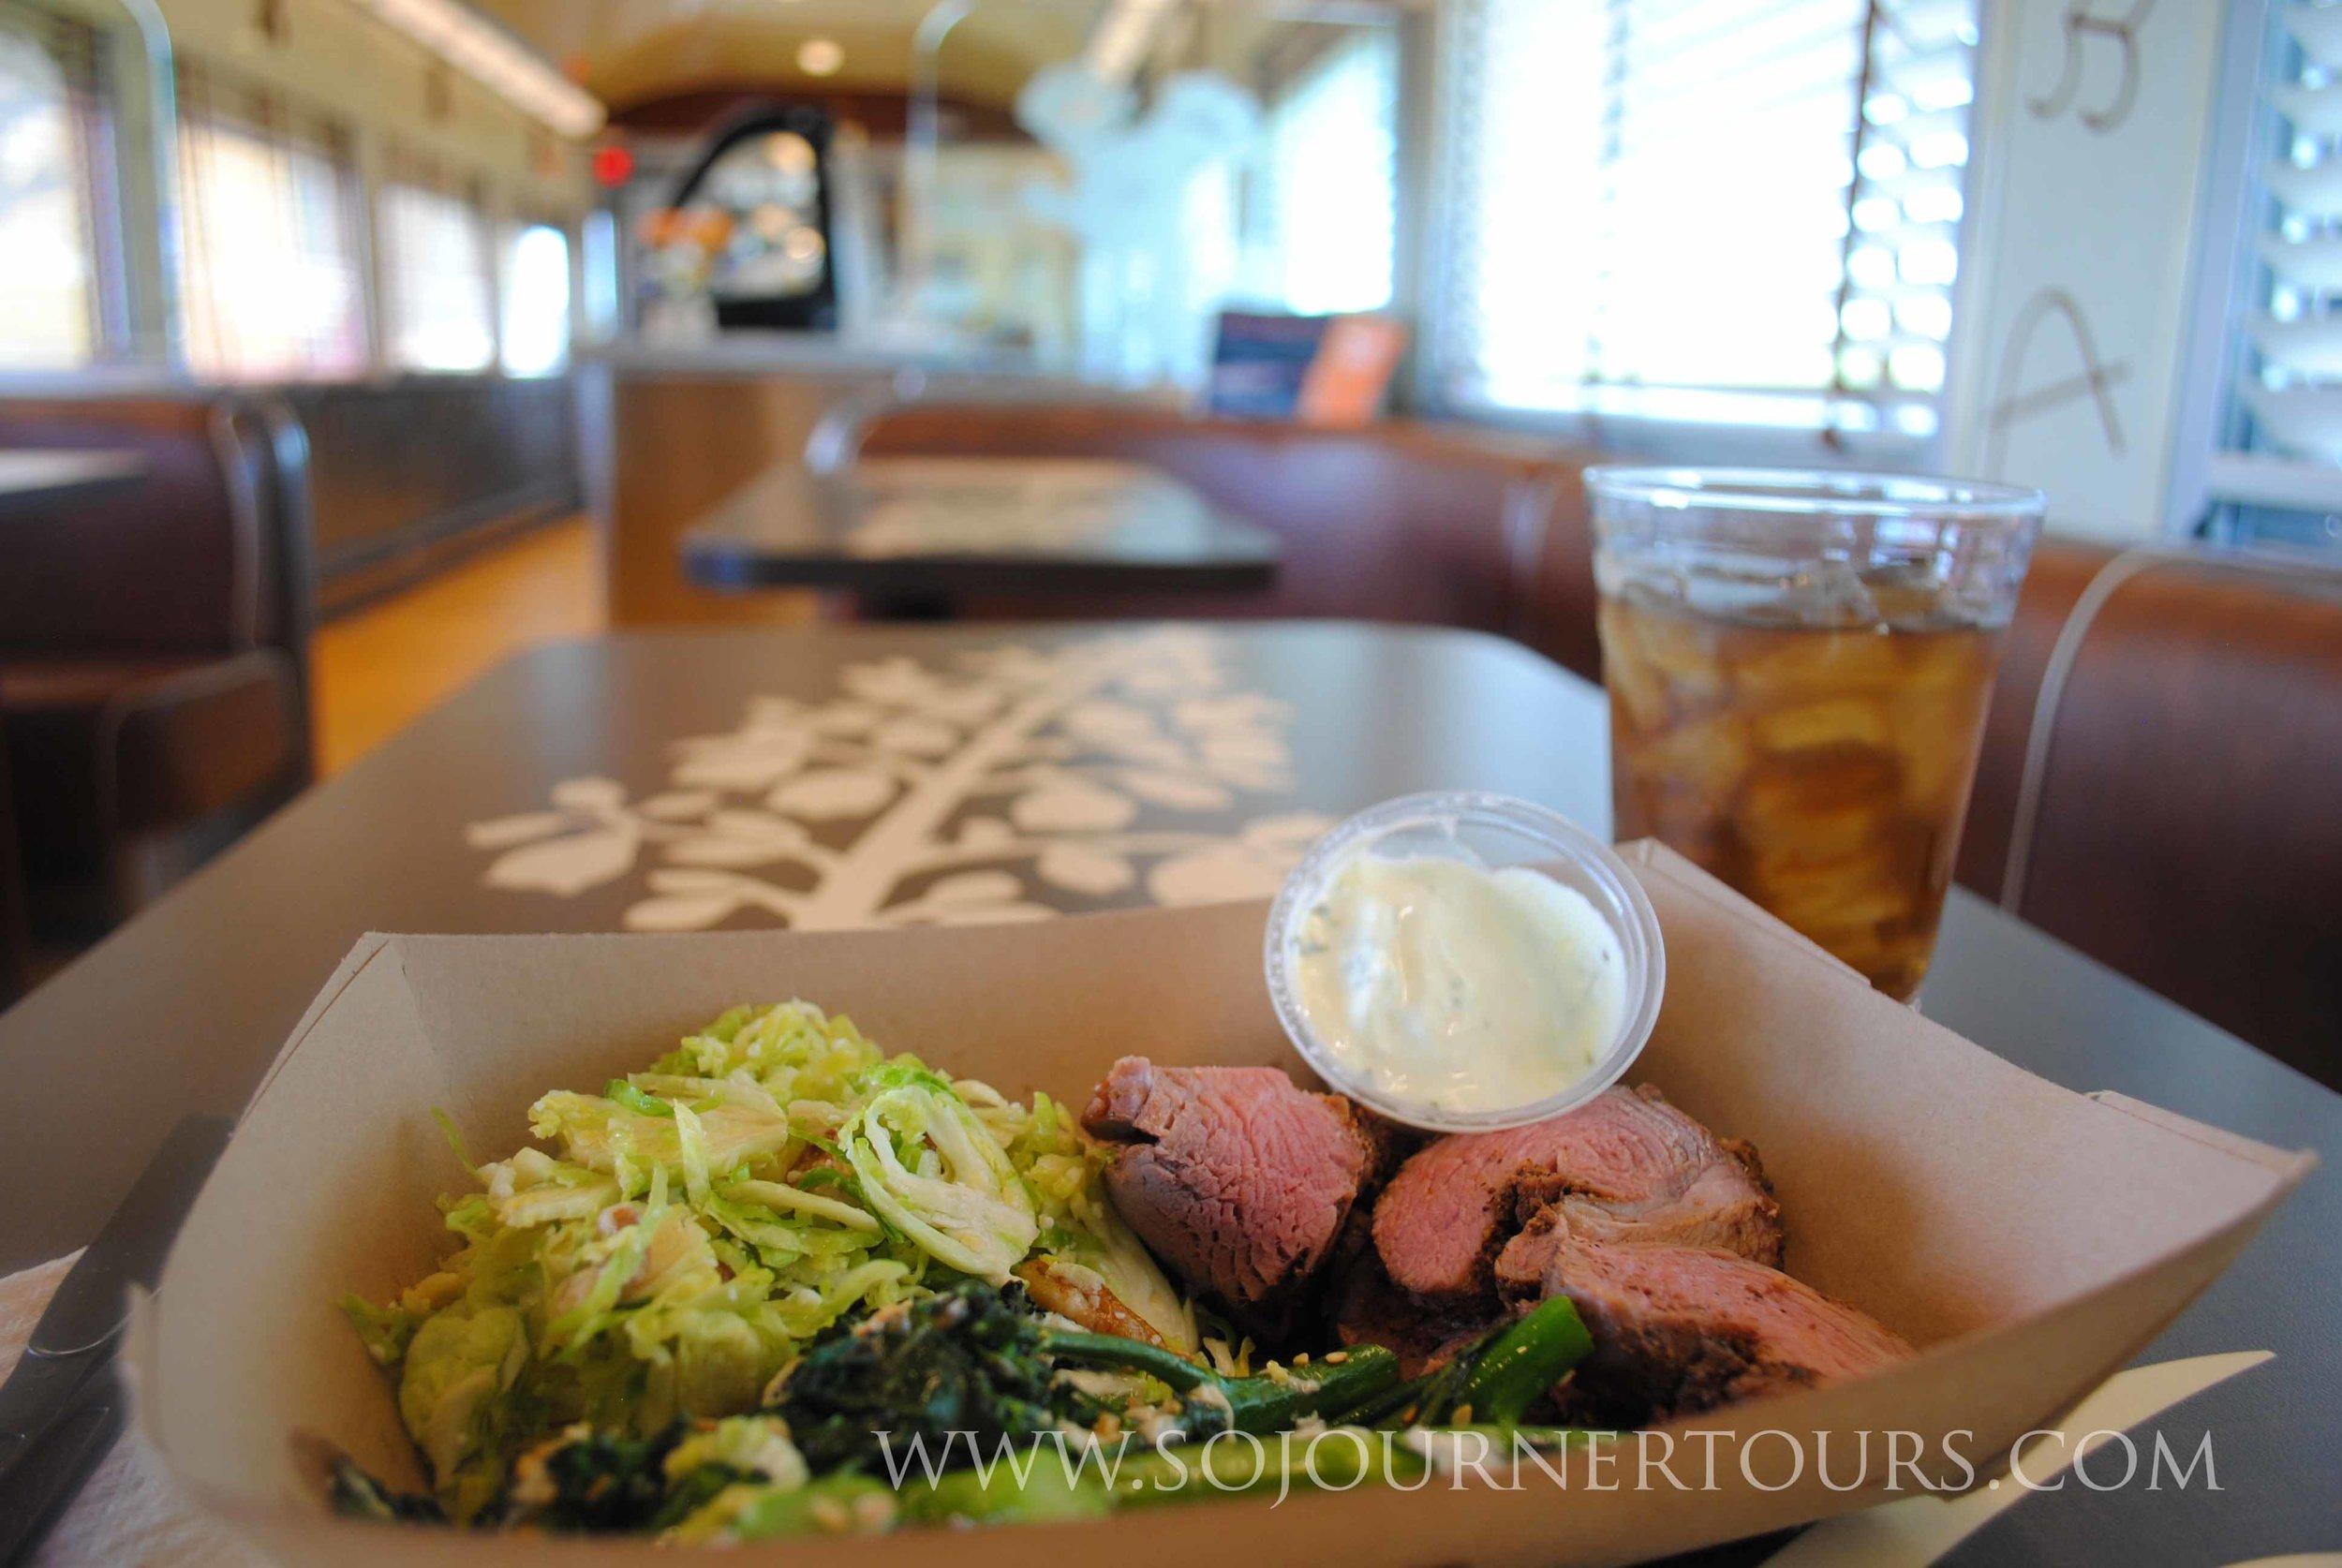 Texas Farm to Table Dinner in an old Train Restaurant  Car